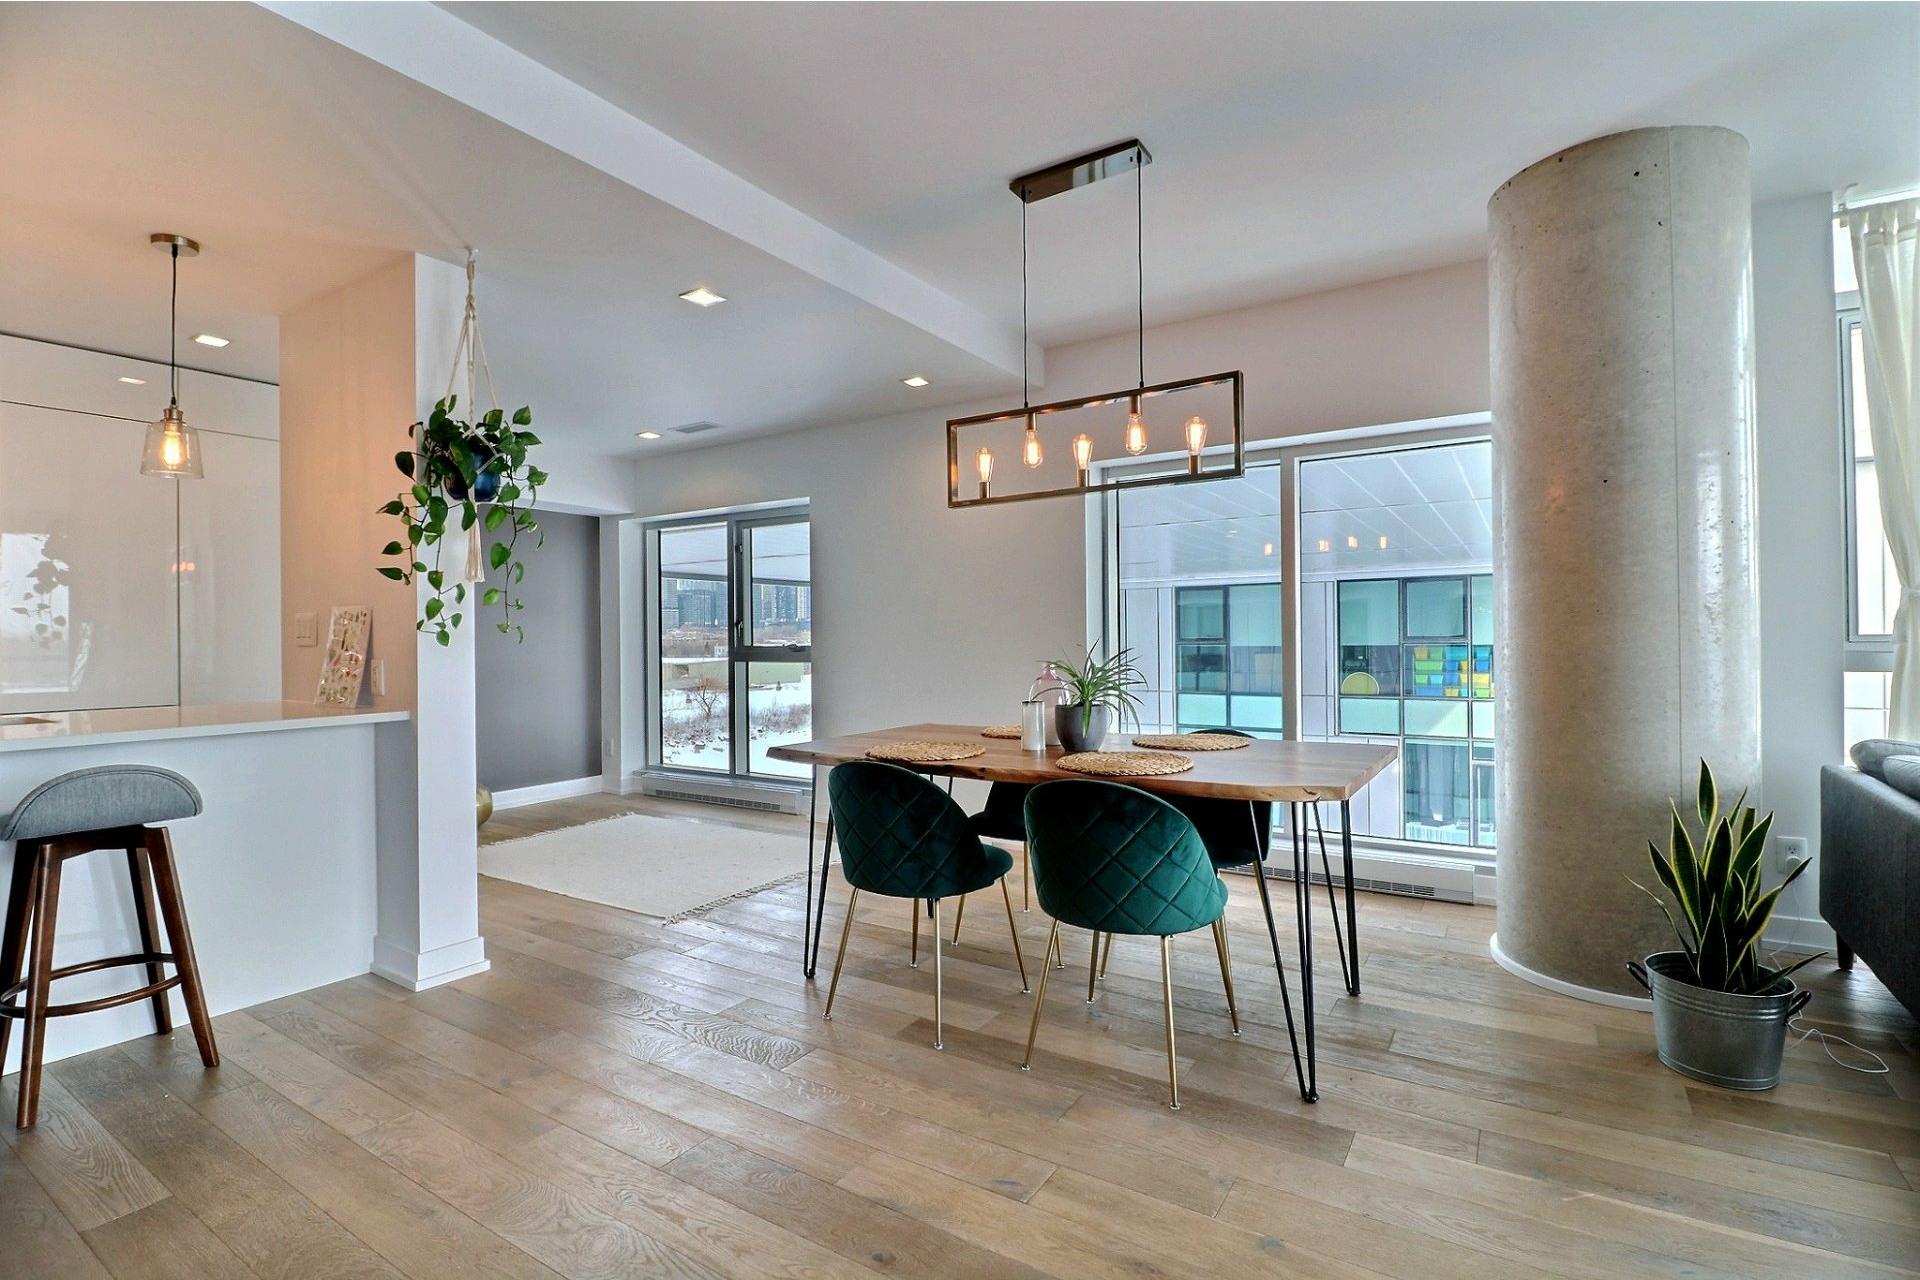 image 7 - Appartement À vendre Le Sud-Ouest Montréal  - 6 pièces